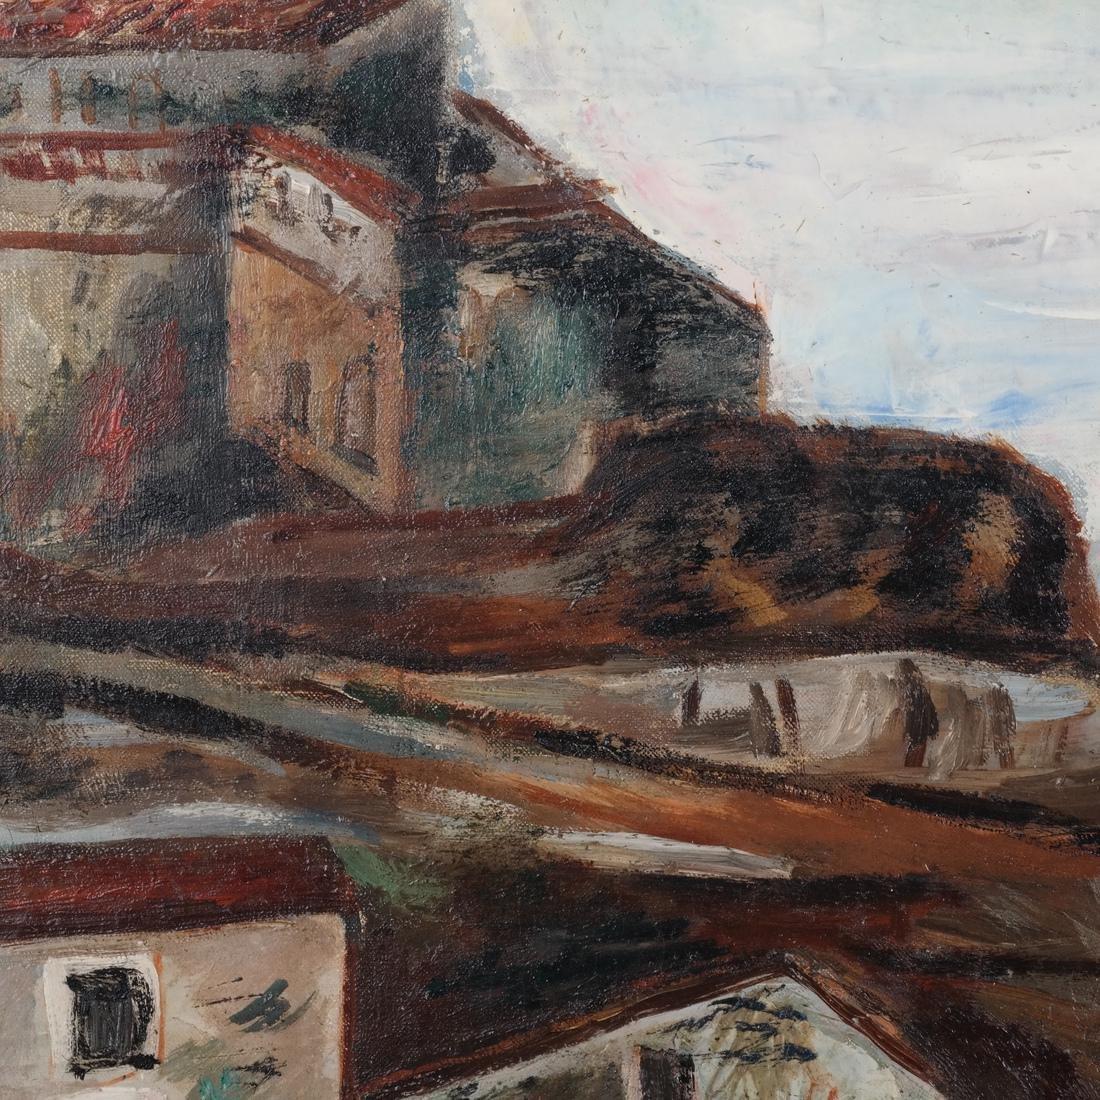 Paul Burlin, Untitled (Village on the Sea) - 7